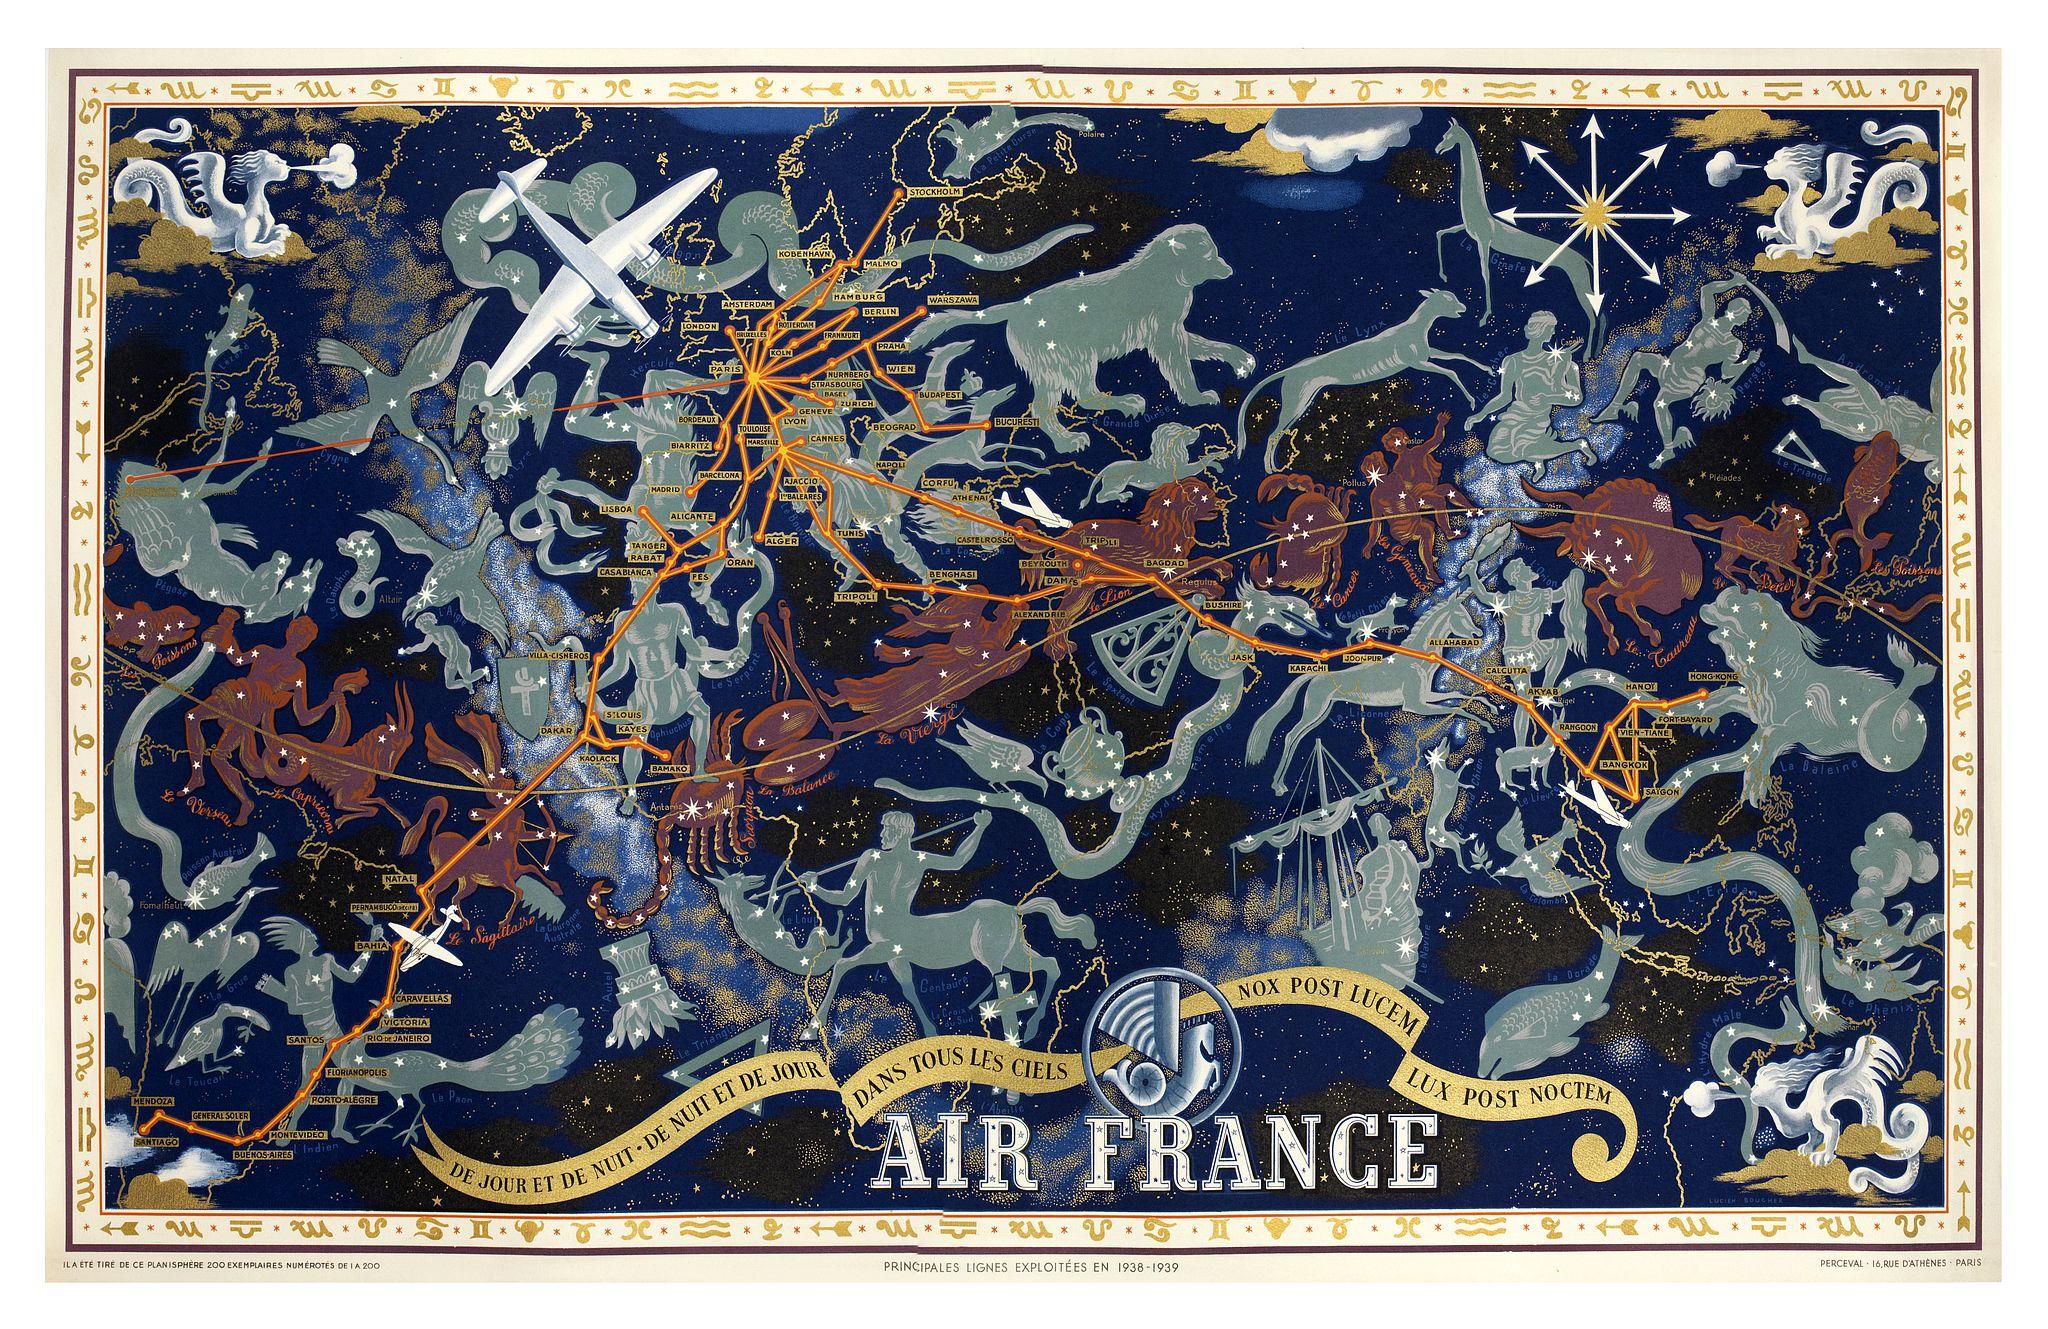 BOUCHER, L. -  Air France De jour et de nuit - De nuit et de jour, dans les ciels, nox post Lucem lux post noctem, principales lignes exploitées en 1938-1939. [Planisphère Zodiac Air France].